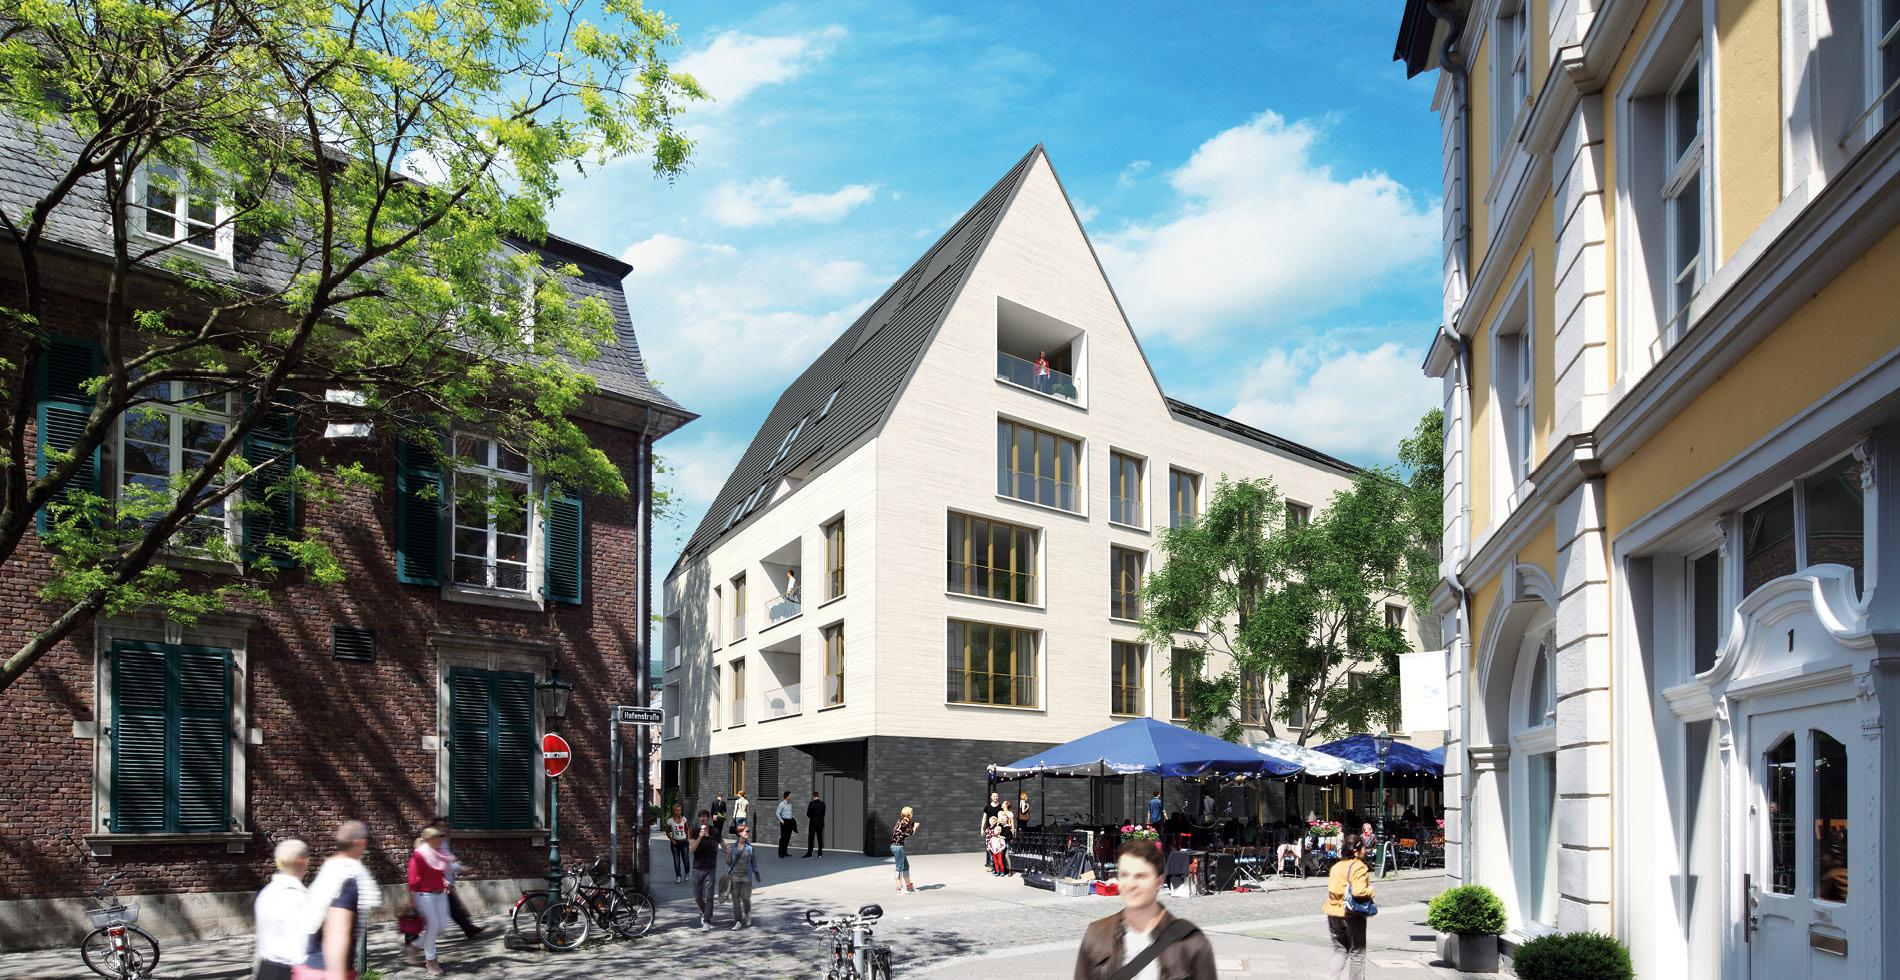 3D-Visualisierung Aussenansicht für das Vermarktungskonzept der Wohnimmobilie Carlstadtufer in Düsseldorf